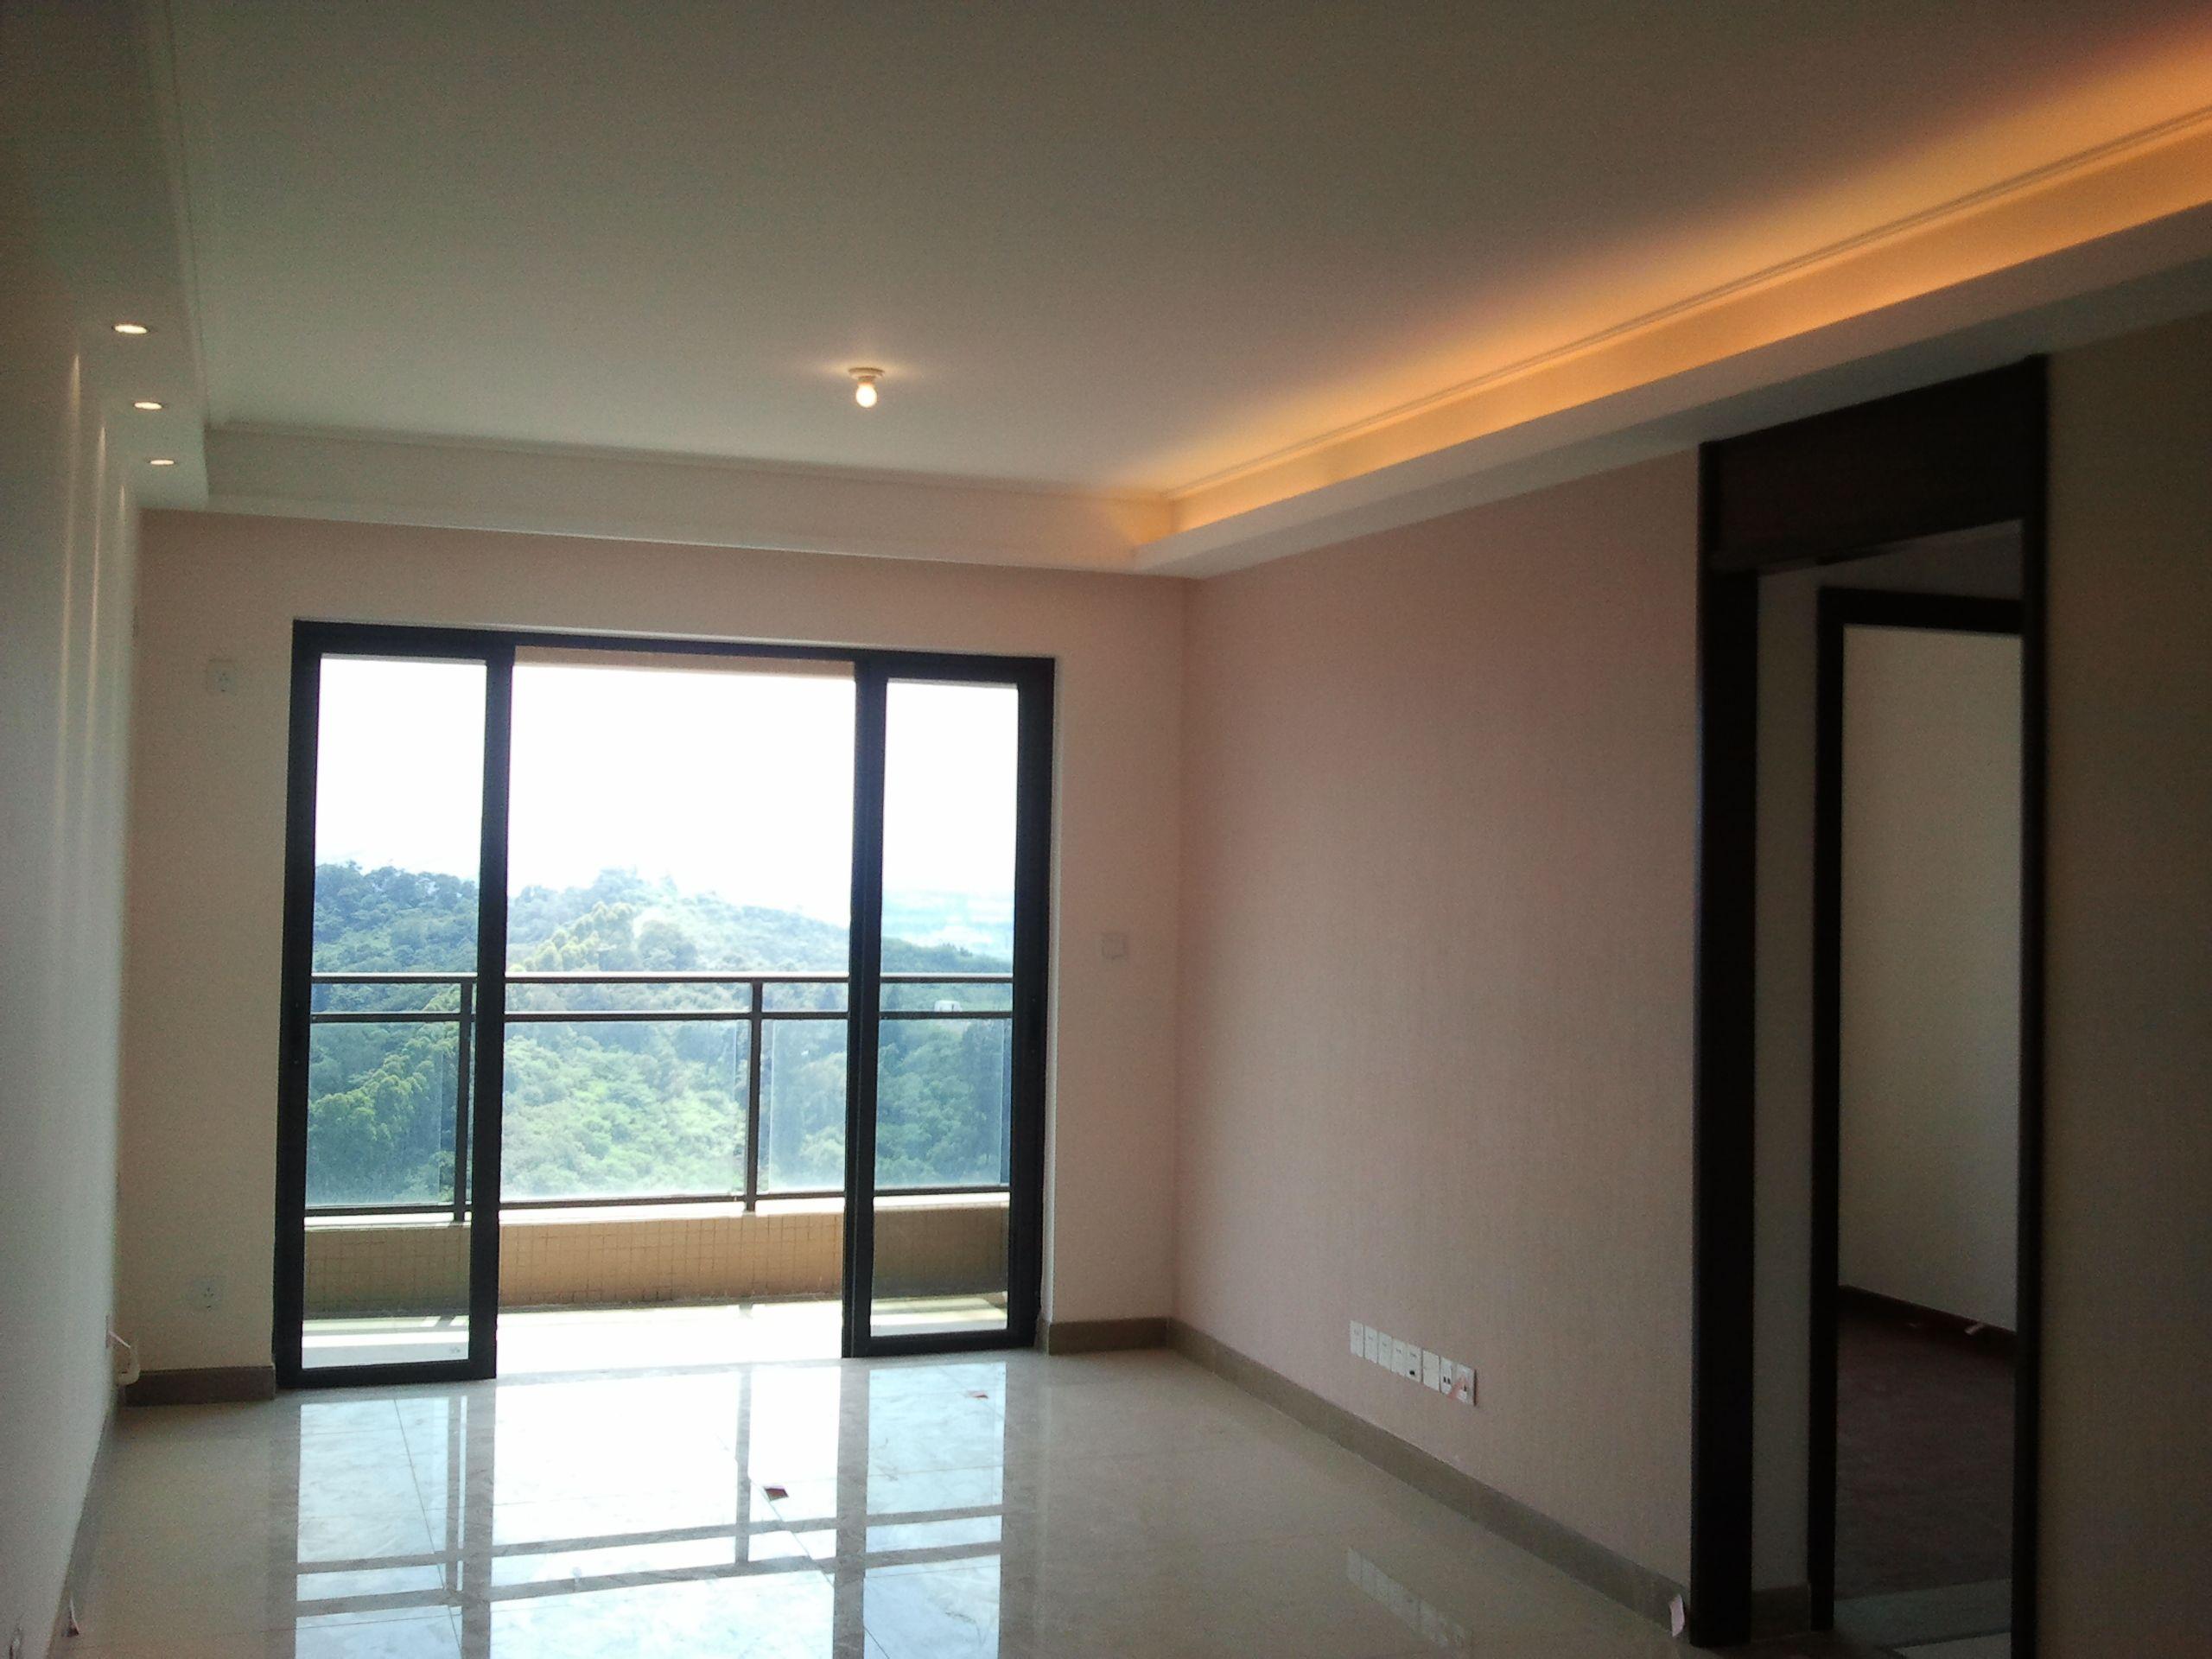 客厅墙面挂砖效果图_全屋均为仿红木色门,客厅米白色地砖,请问客厅和卧室的墙面 ...